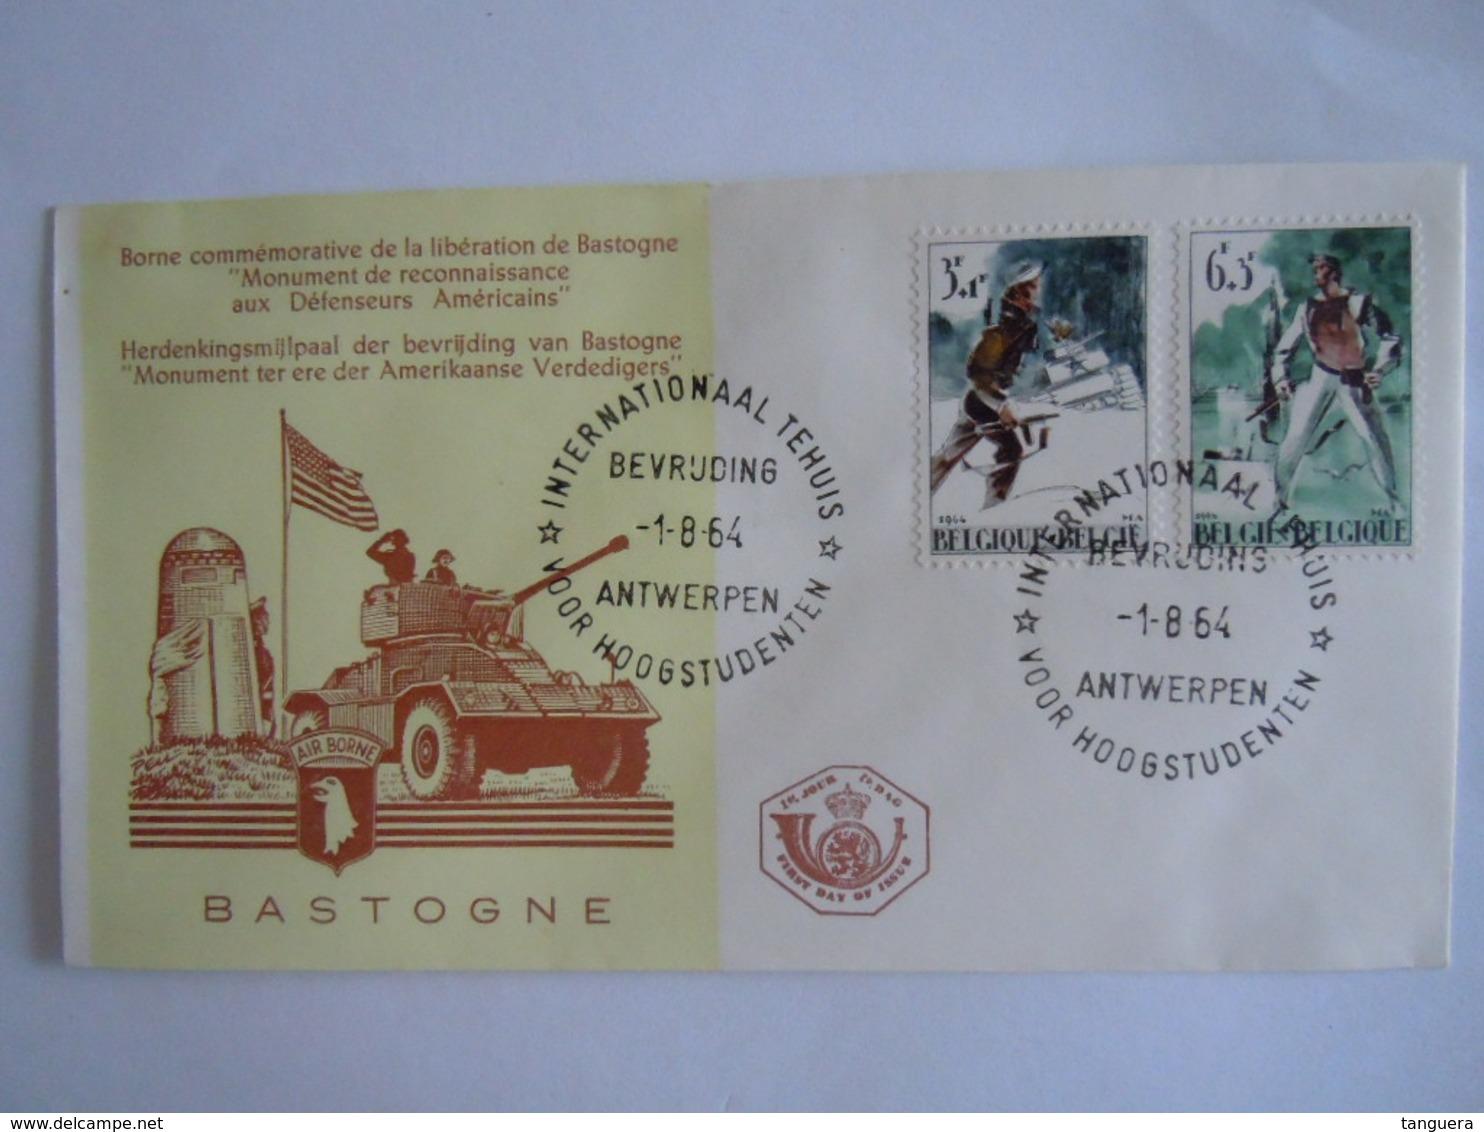 België Belgium 1964 FDC Verzet En Bevrijding 1944 Résistance Et Liberation Monument Bastogne Air Borne Cob 1296-1297 - FDC